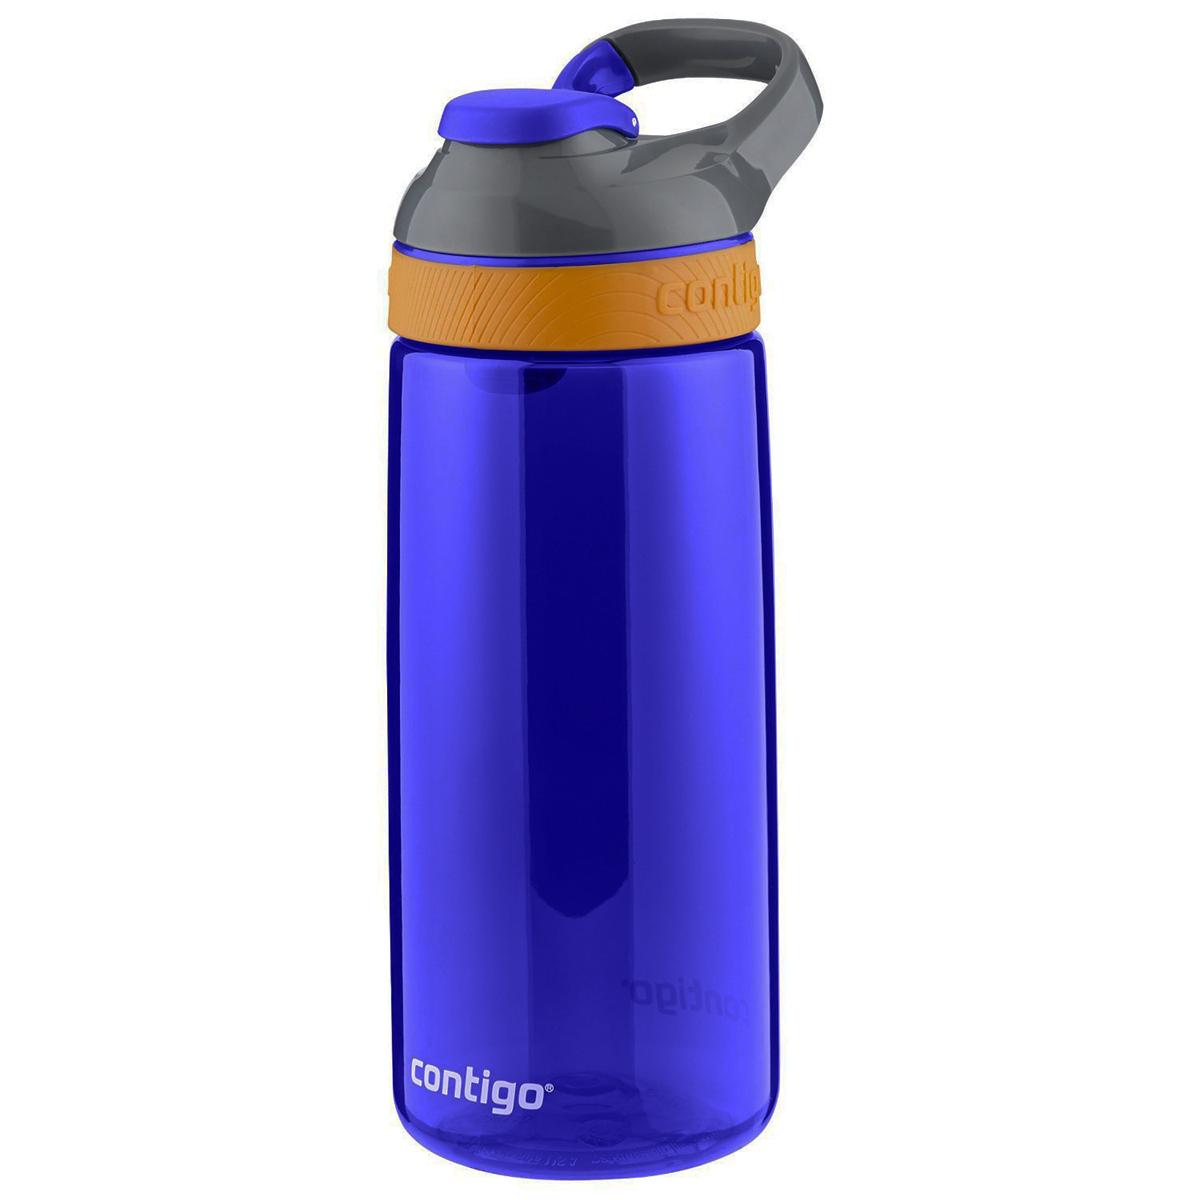 Contigo-20-oz-Kid-039-s-Courtney-AutoSeal-Water-Bottle thumbnail 21